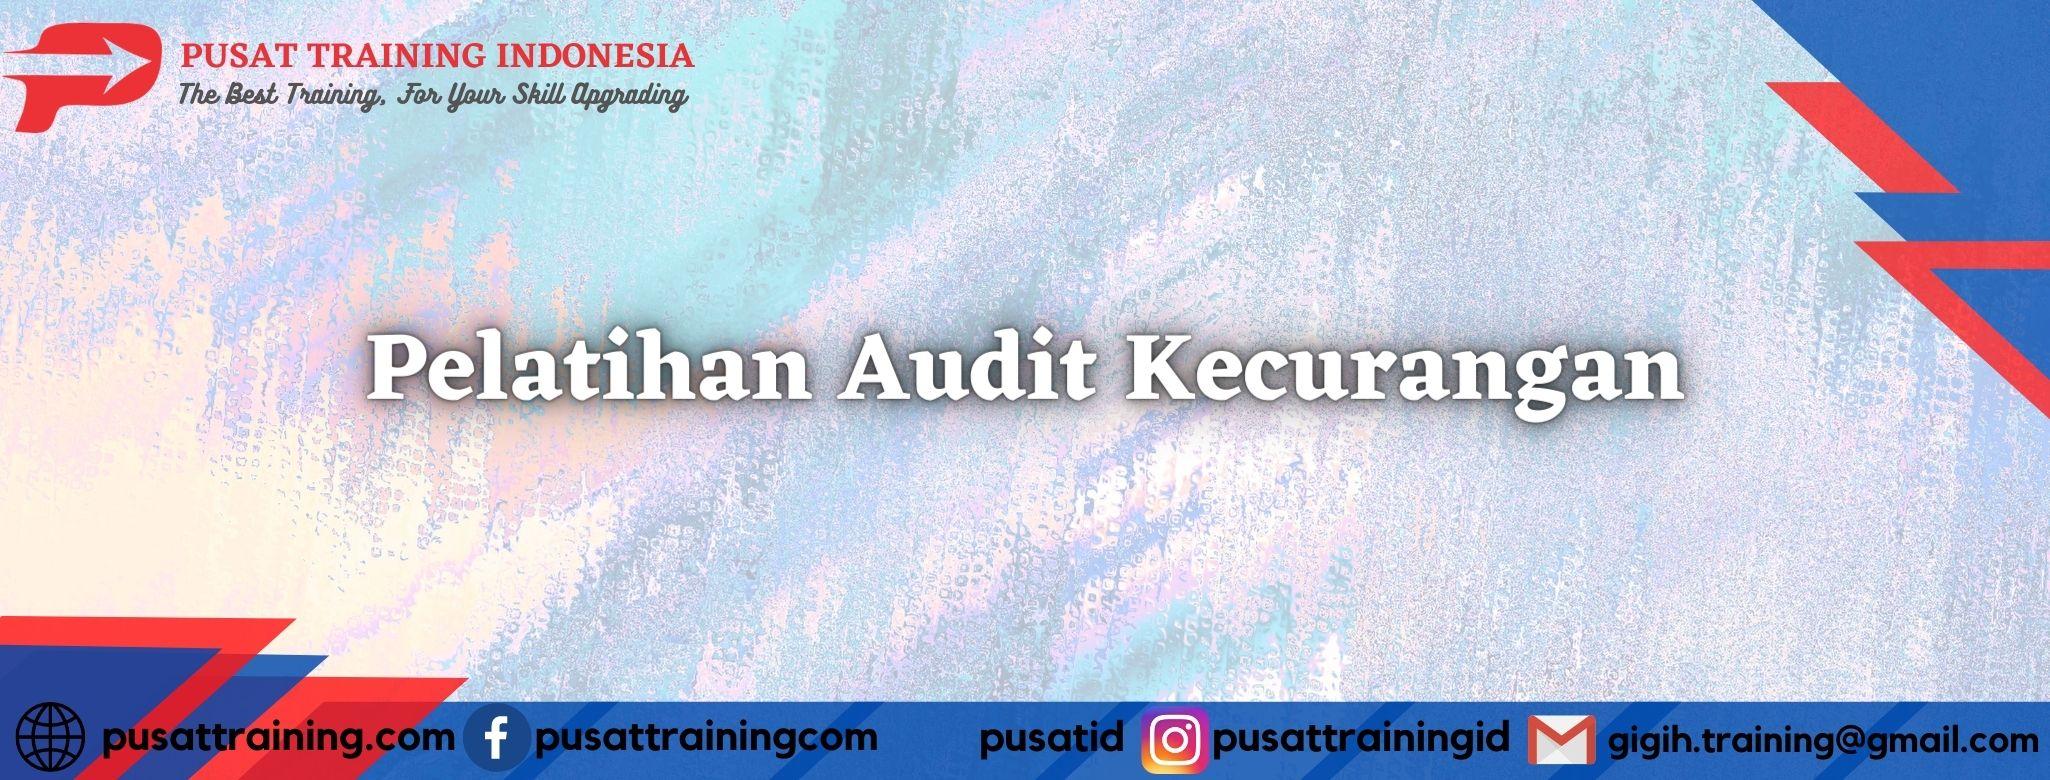 Pelatihan-Audit-Kecurangan